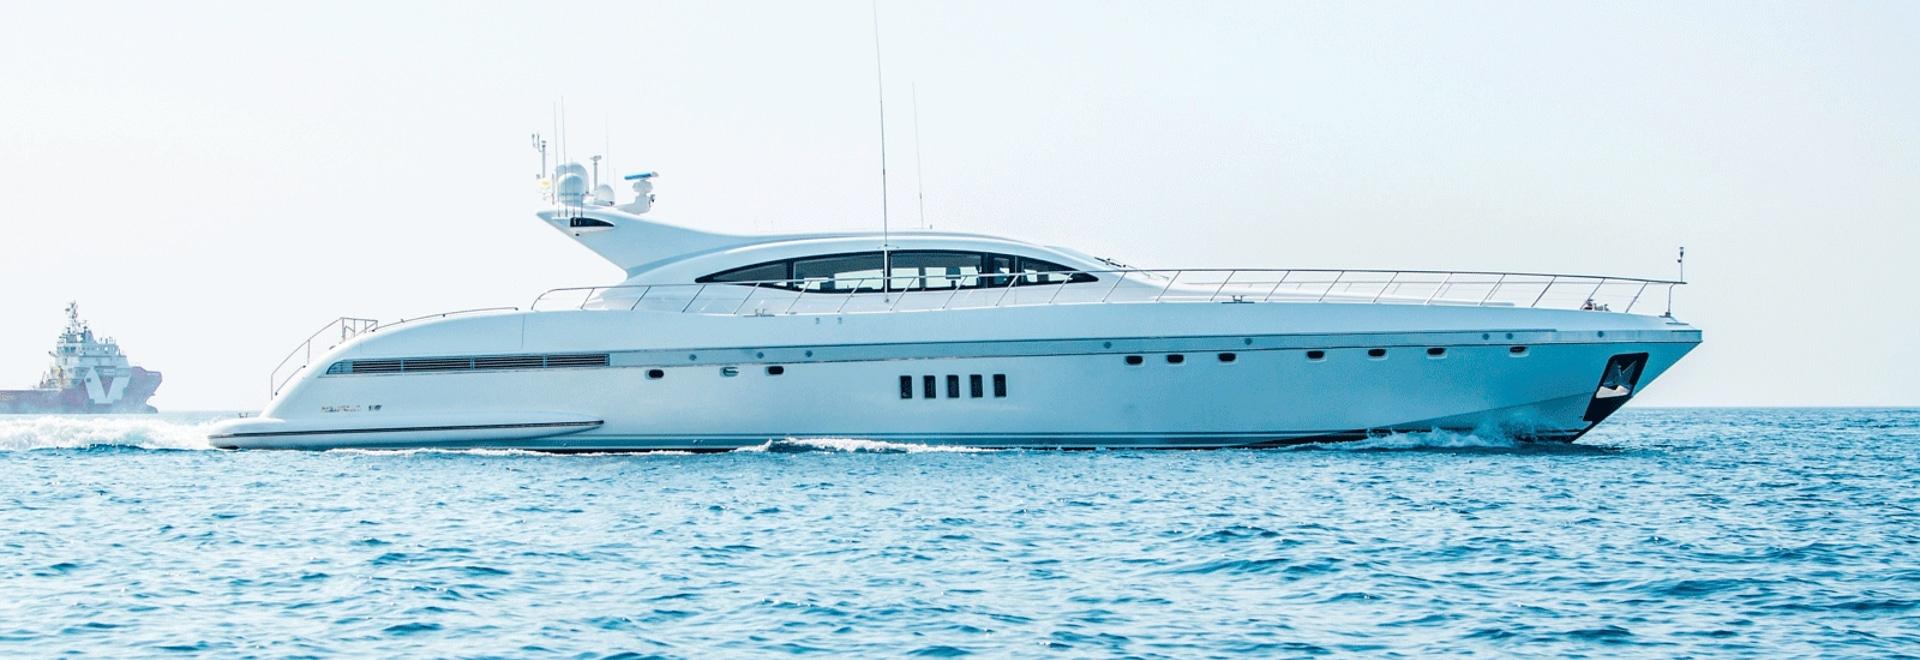 Neu auf dem Markt: 33m Übersee-Motoryacht Yalla